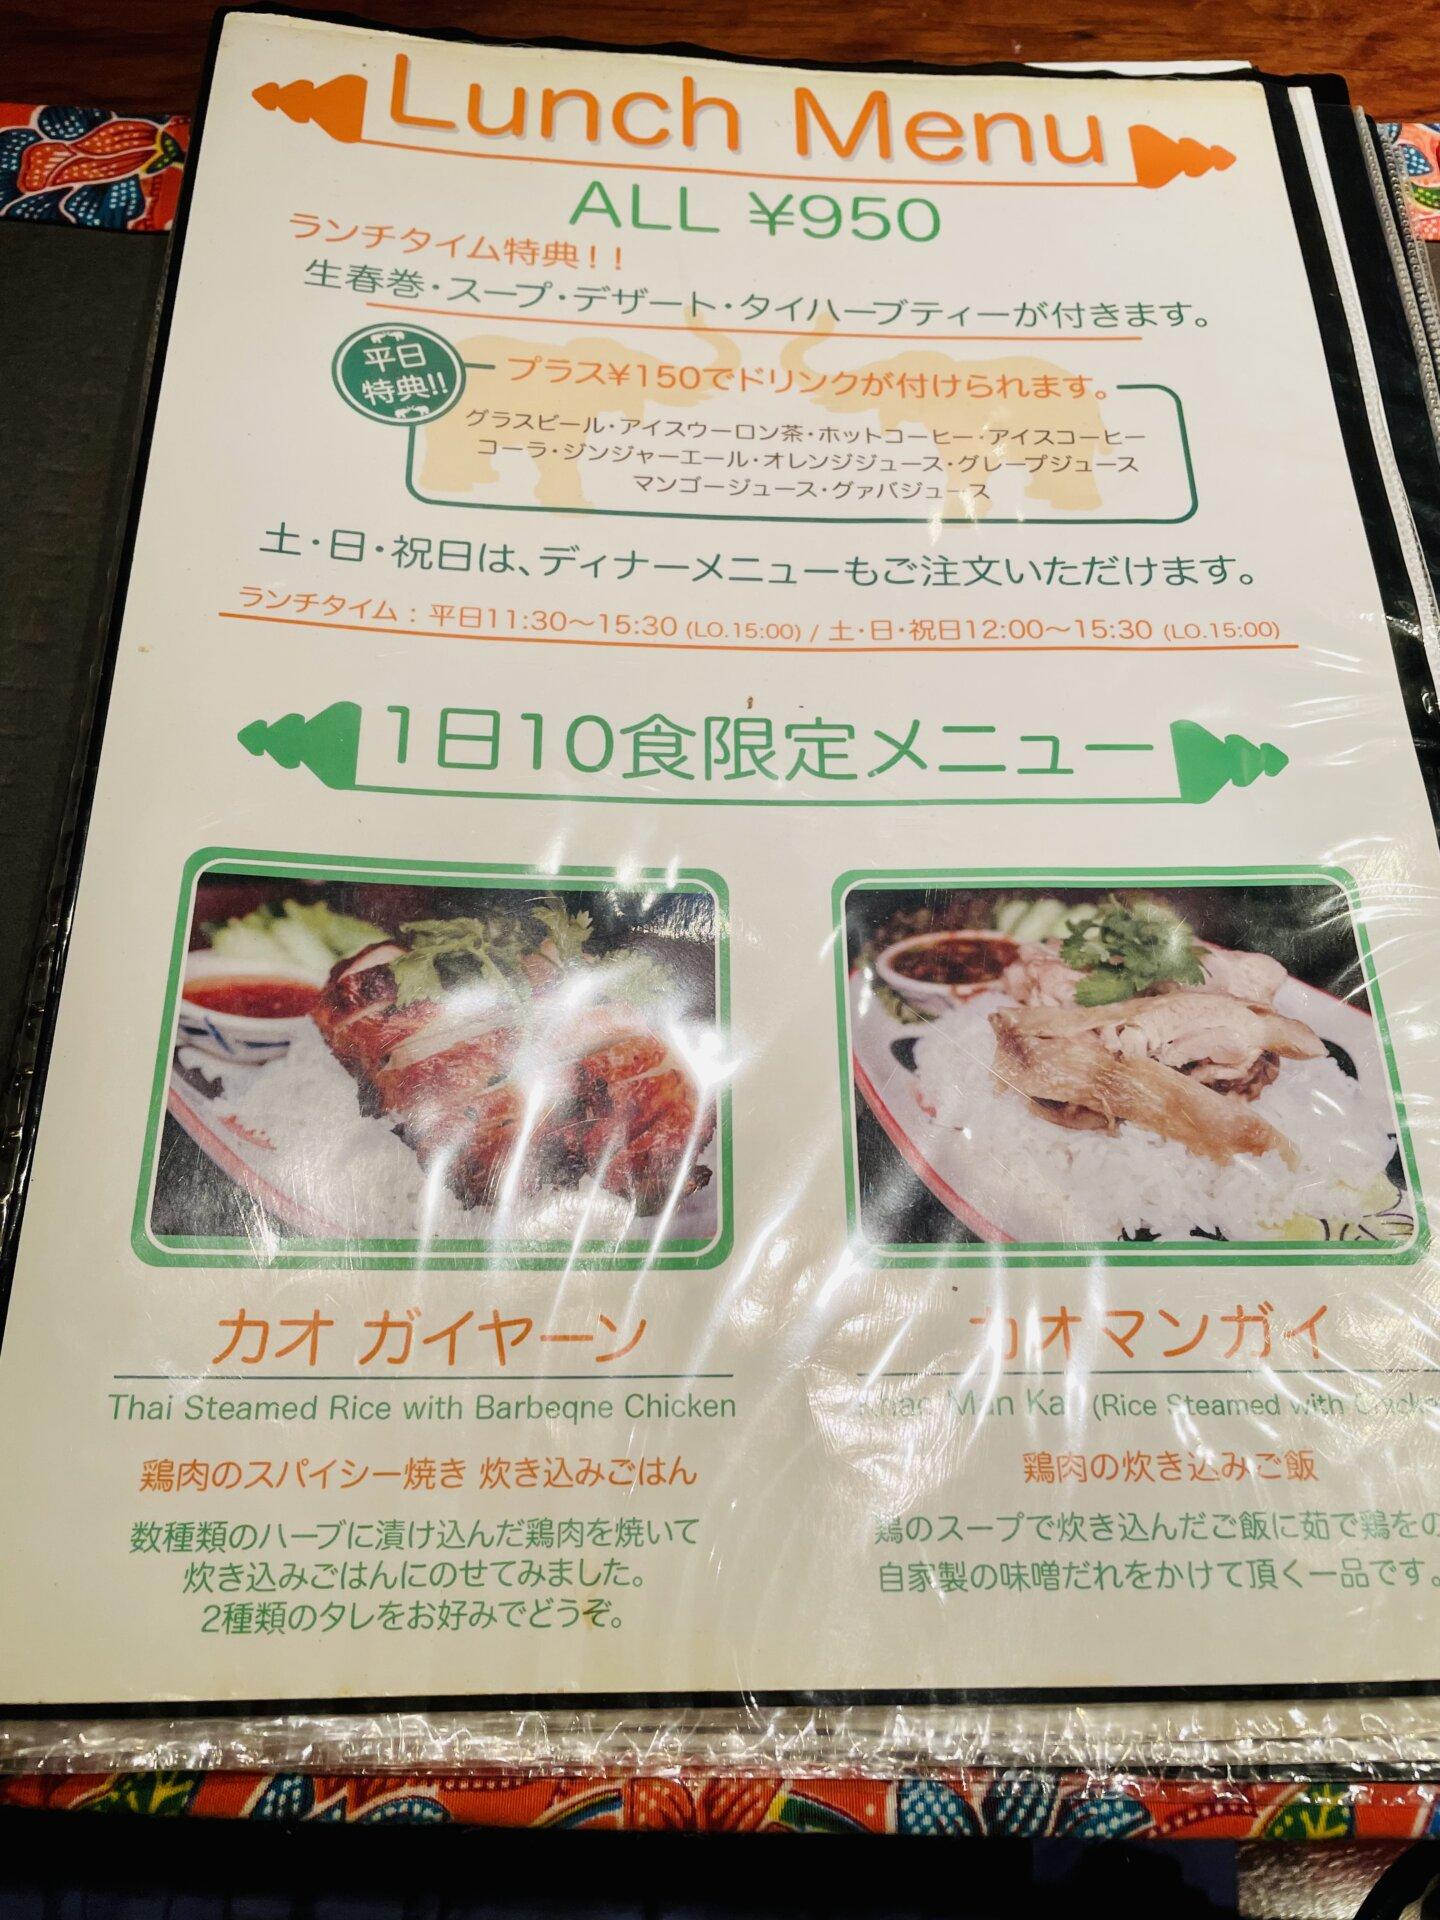 【三軒茶屋】タイ料理の激戦区でトップレベル!「タイ東北料理イサーンキッチン 」メニュー